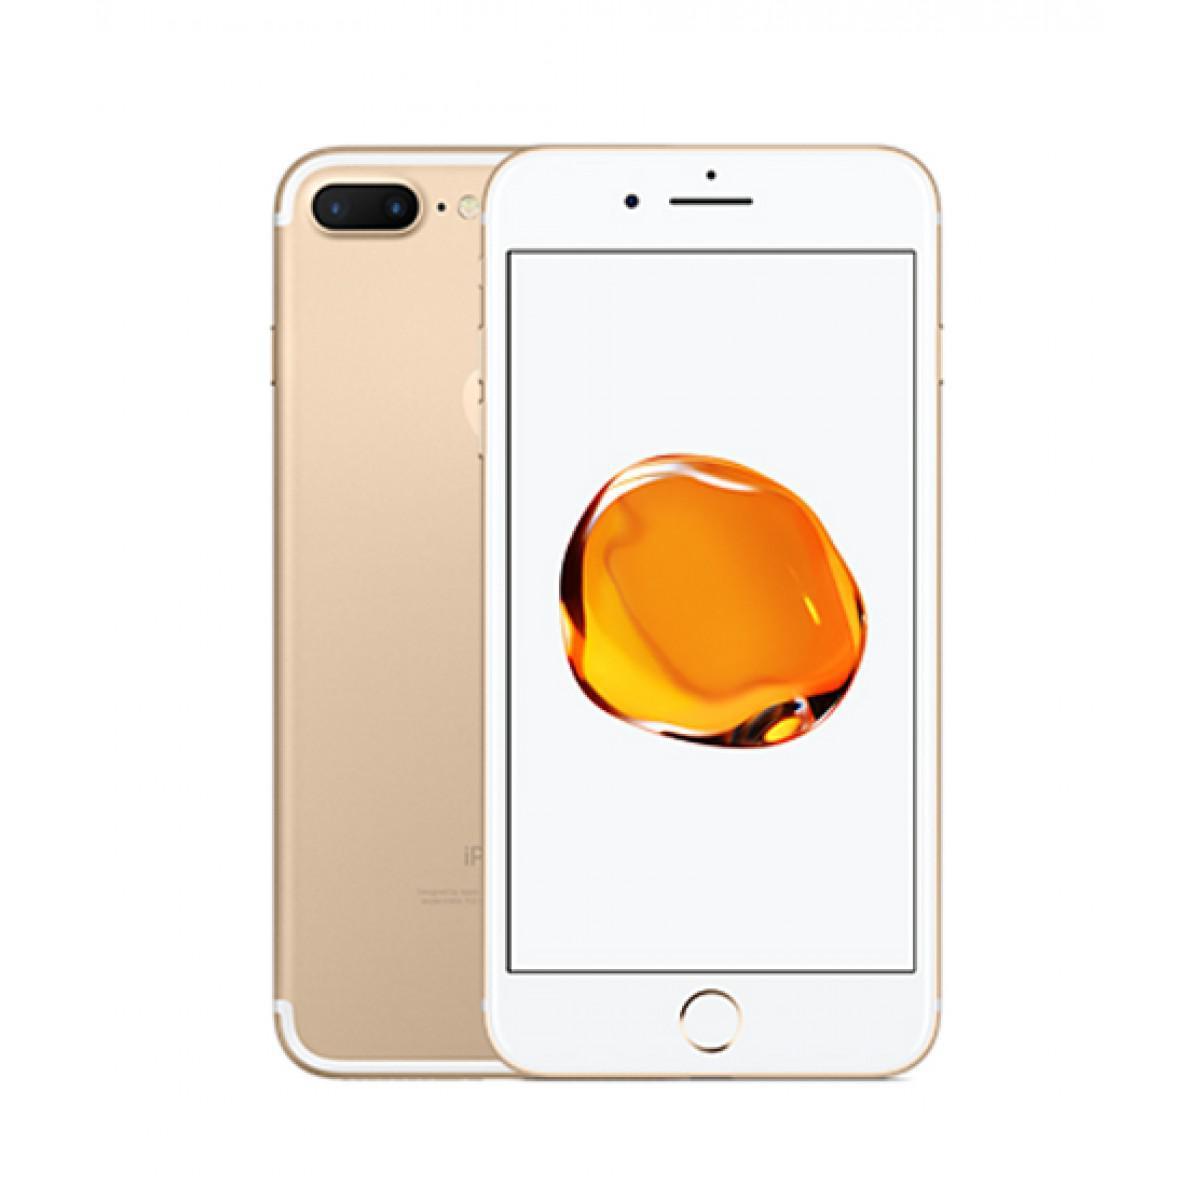 iphone 7 plus 128 gb sunrise gold ohne vertrag gebraucht back market. Black Bedroom Furniture Sets. Home Design Ideas